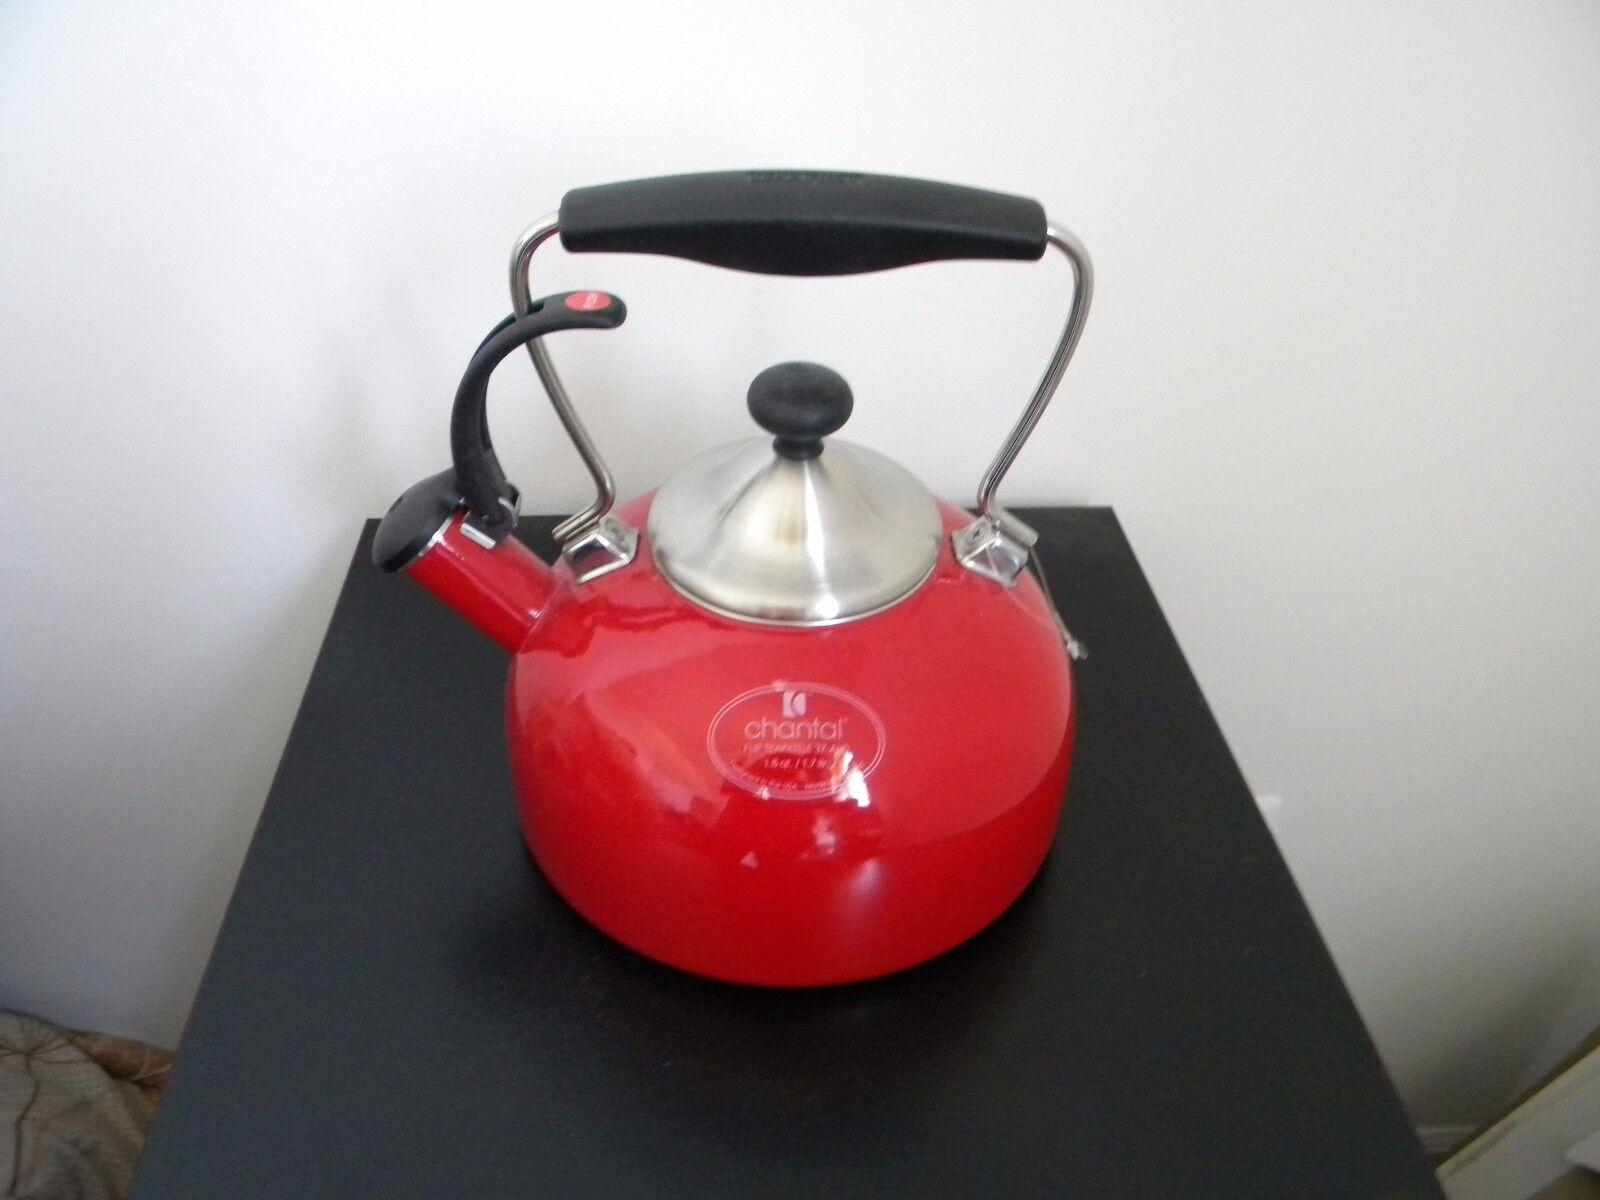 Chantal Tea Kettle Red color 1.8qt